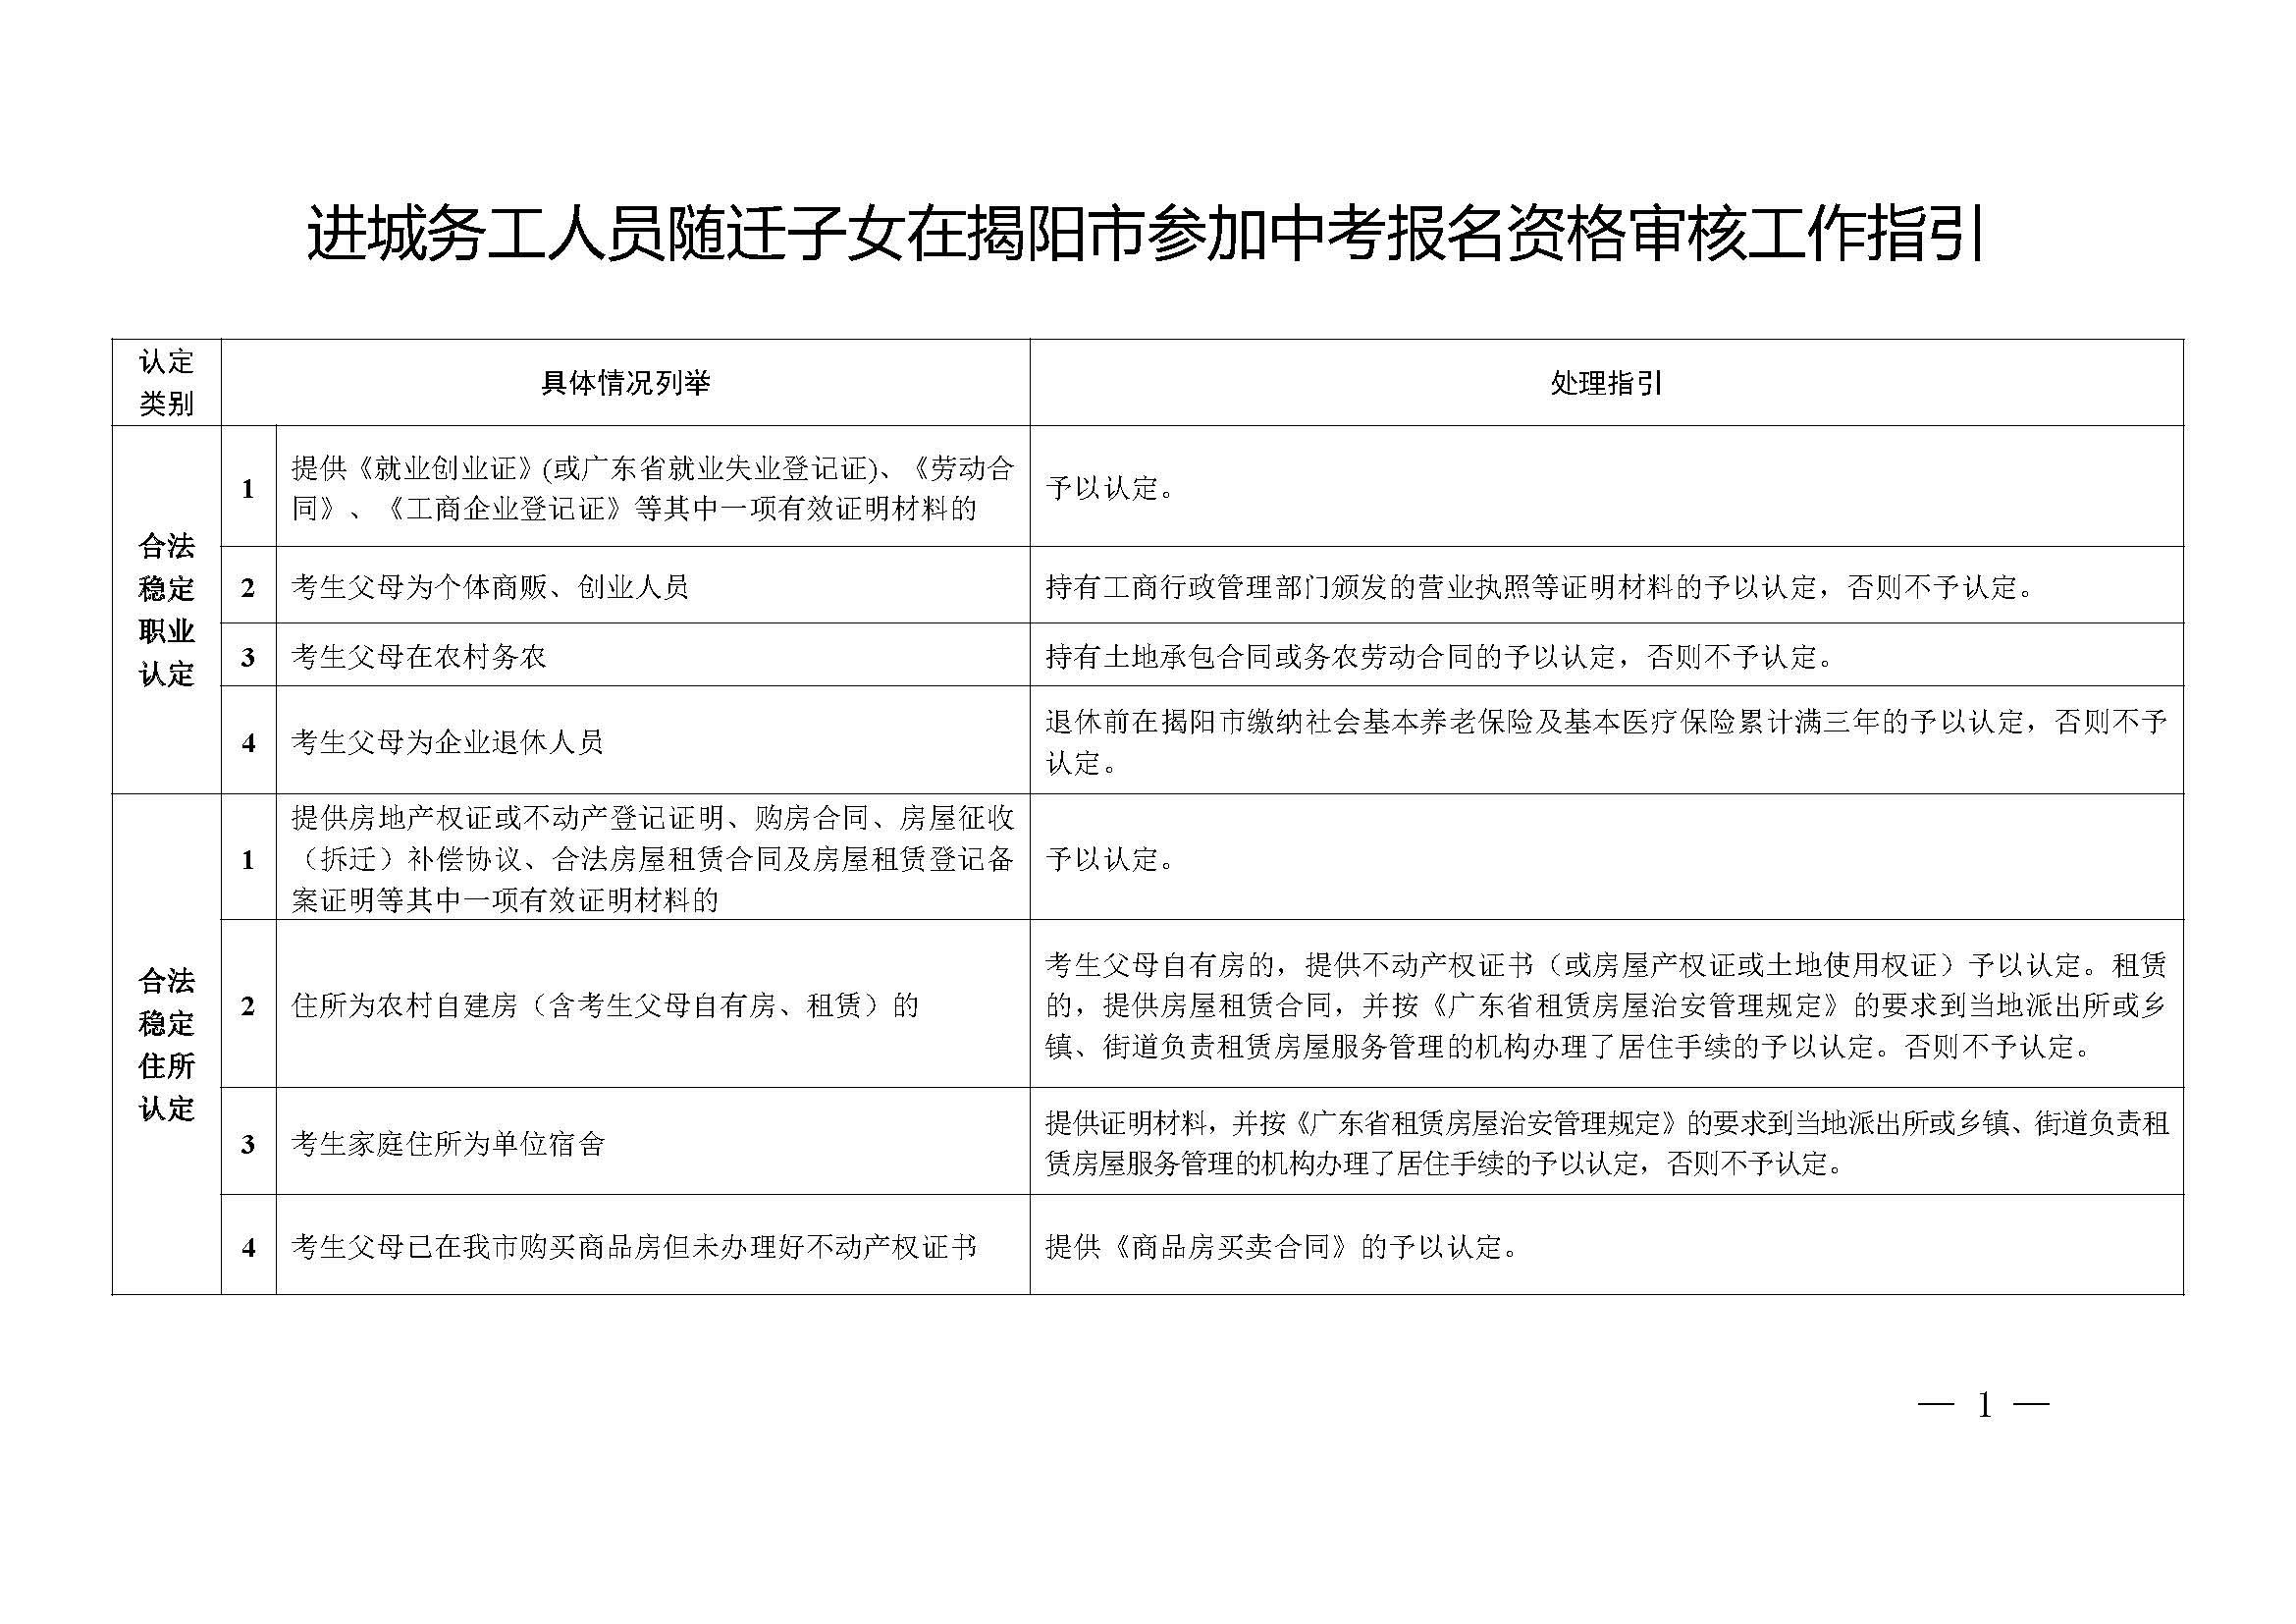 2018揭阳市进城务工随迁子女中考报名资格审核工作指引